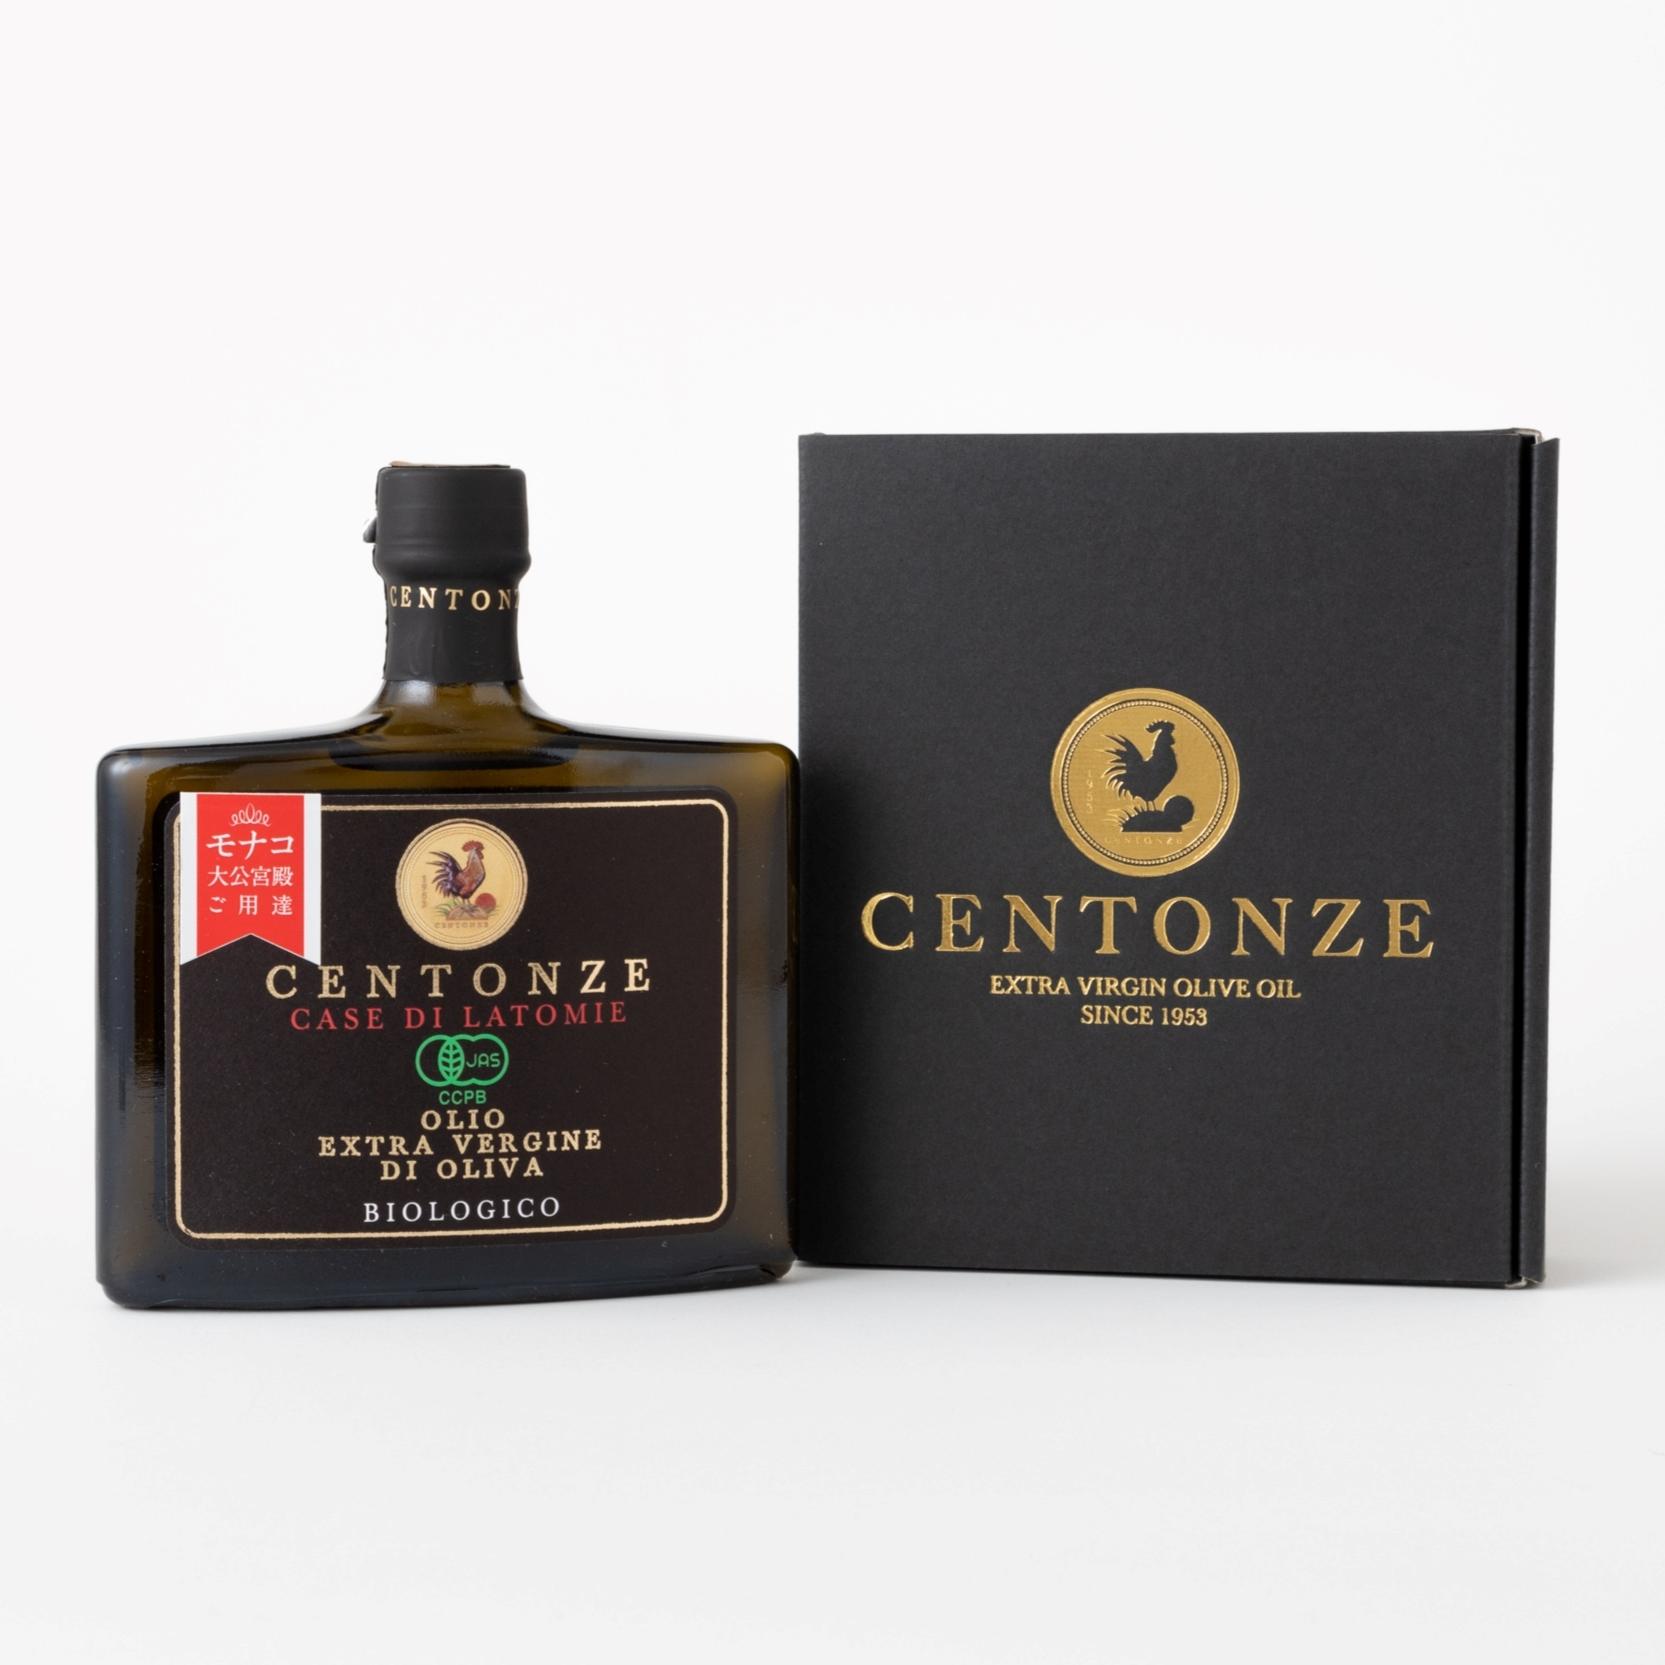 【ギフト箱入り】オーガニックエクストラバージンオリーブオイル92g・チェントンツェCentonze・シチリア産 の商品画像